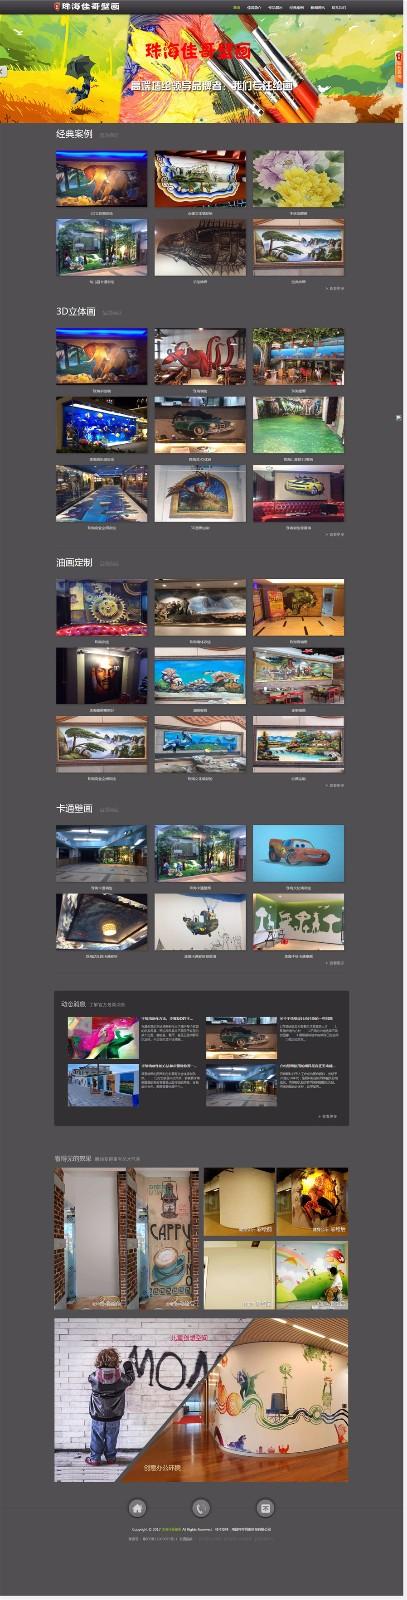 珠海壁画_珠海手绘墙_珠海3D立体画_珠海佳哥壁画